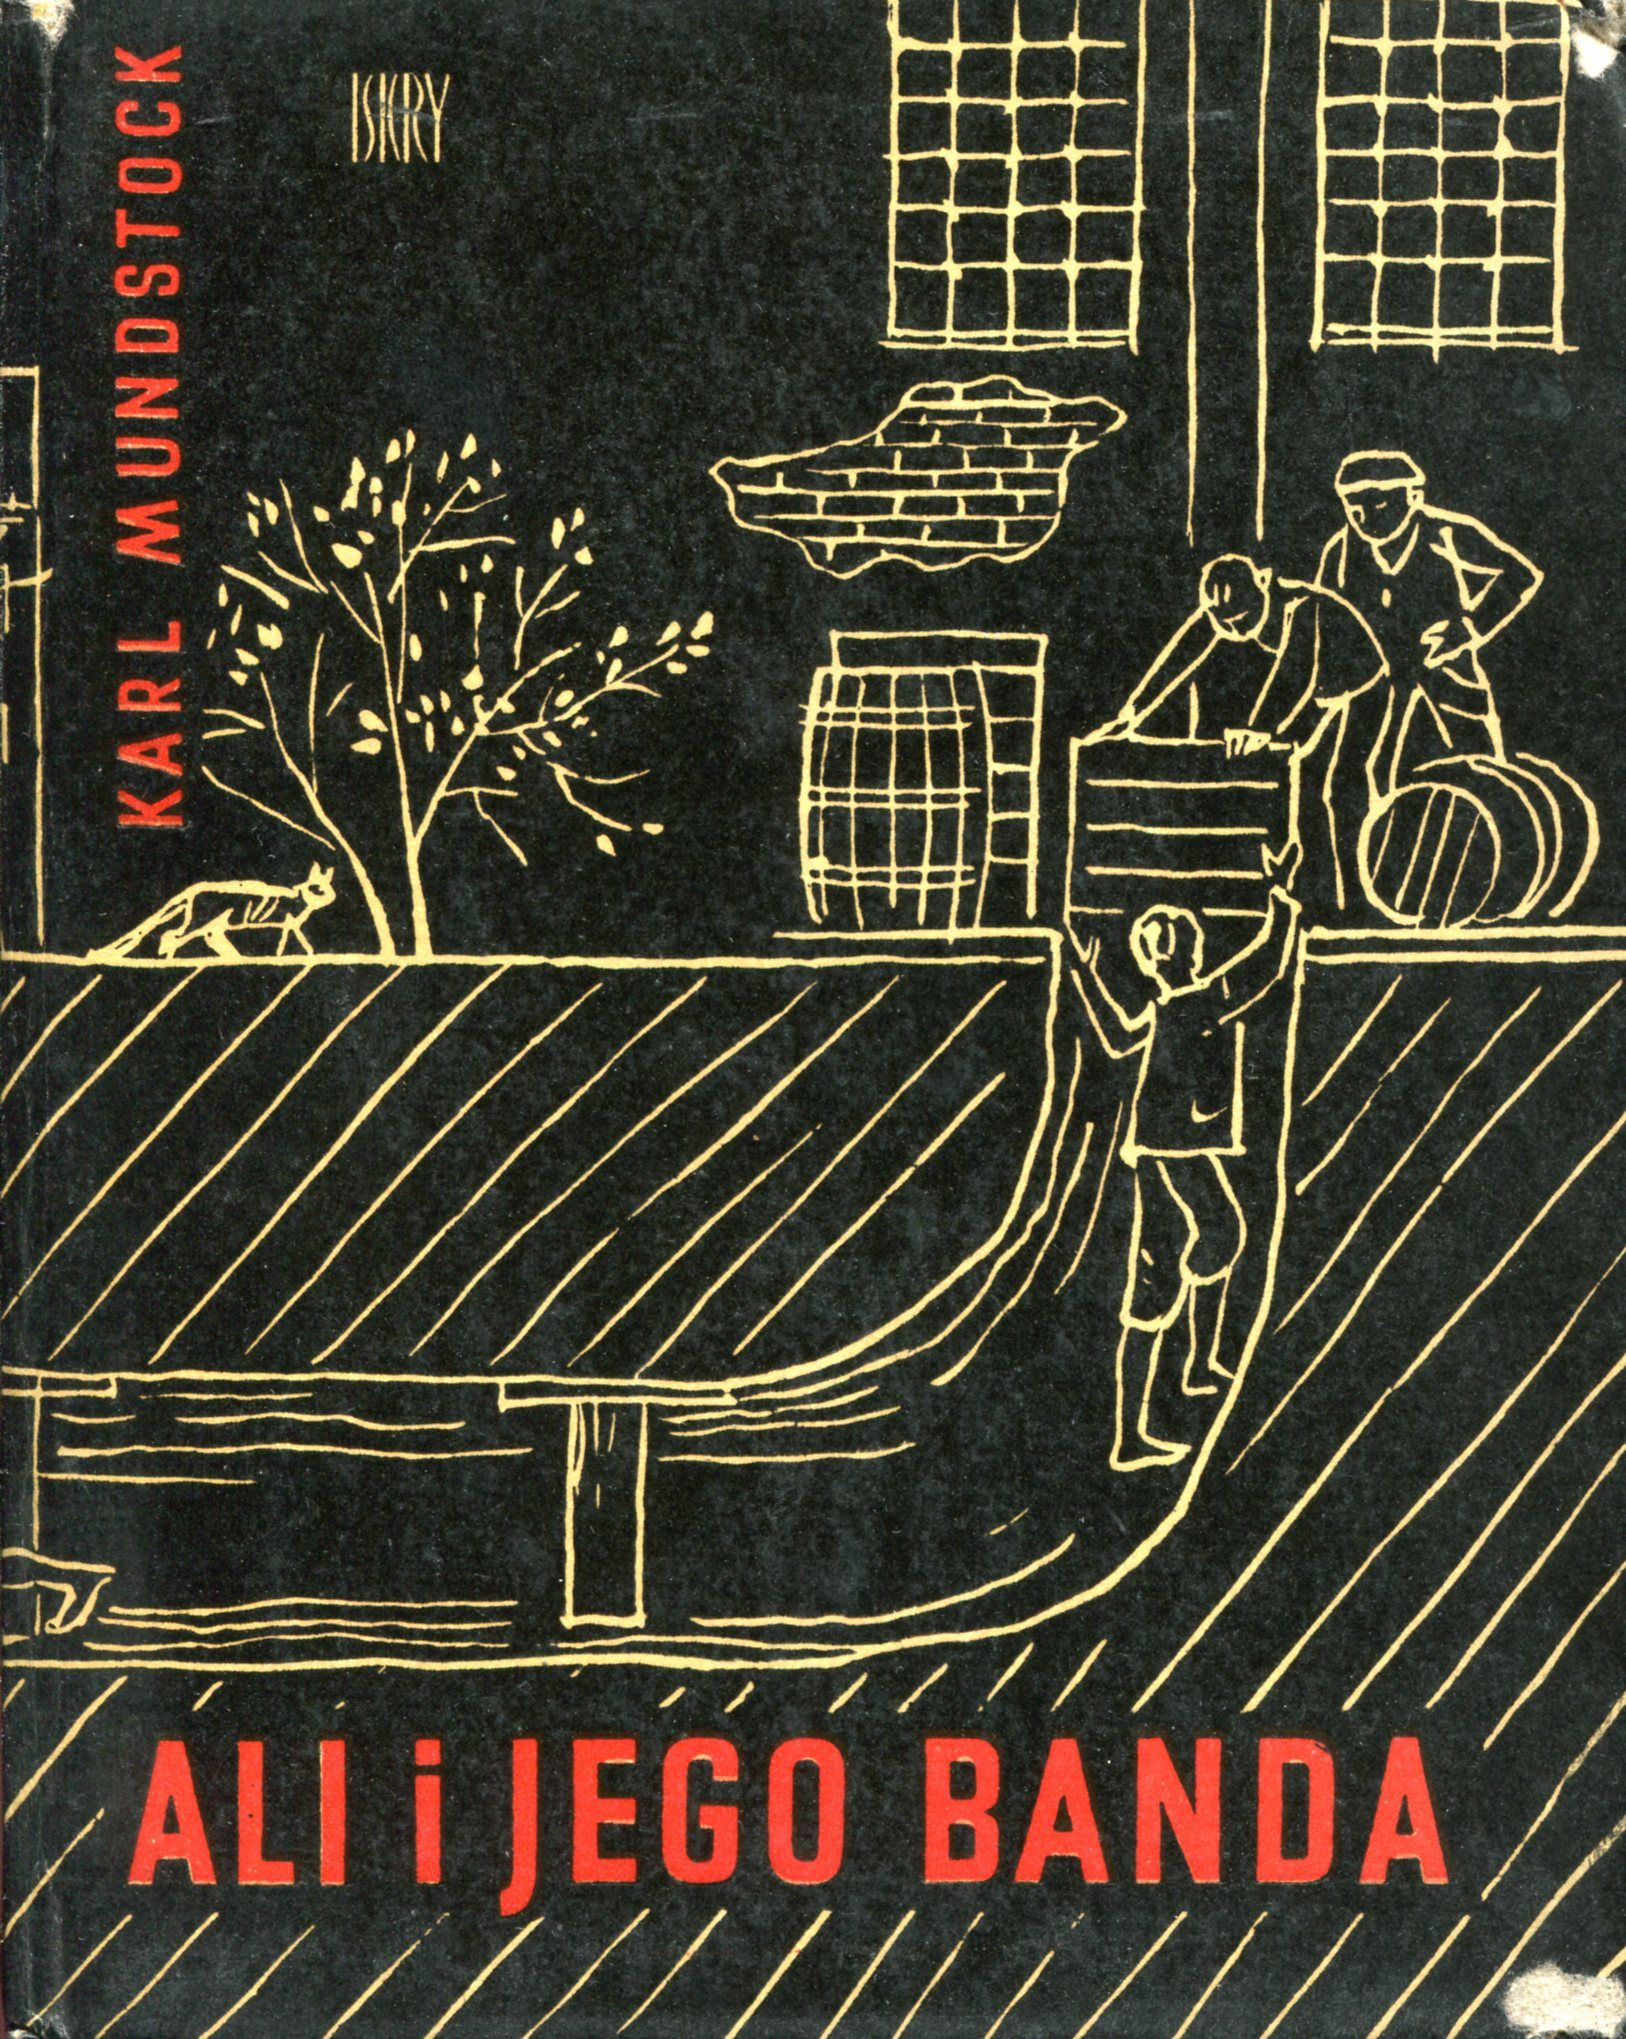 """""""Ali i jego banda"""" (Ali und die Bande vom Lauseplatz) Mundstock Karl Translated by Maria Kłos-Gwizdalska Cover by Józef Korolkiewicz Published by Wydawnictwo Iskry 1966"""